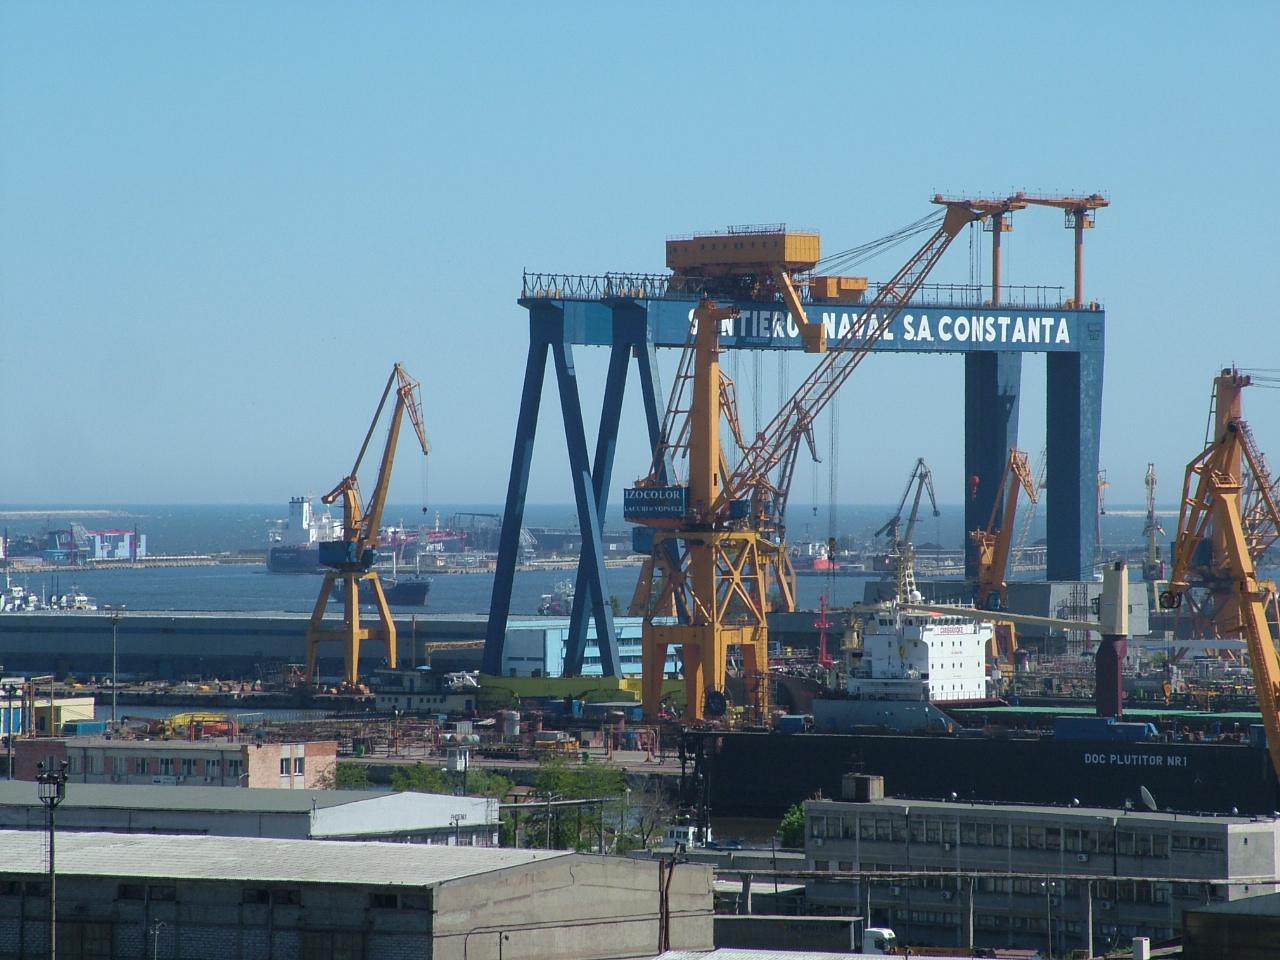 Procurorii DNA efectuează miercuri dimineață mai multe percheziții în Portul Constanța, într-un dosar privind infracțiuni de contrabandă și corupție.